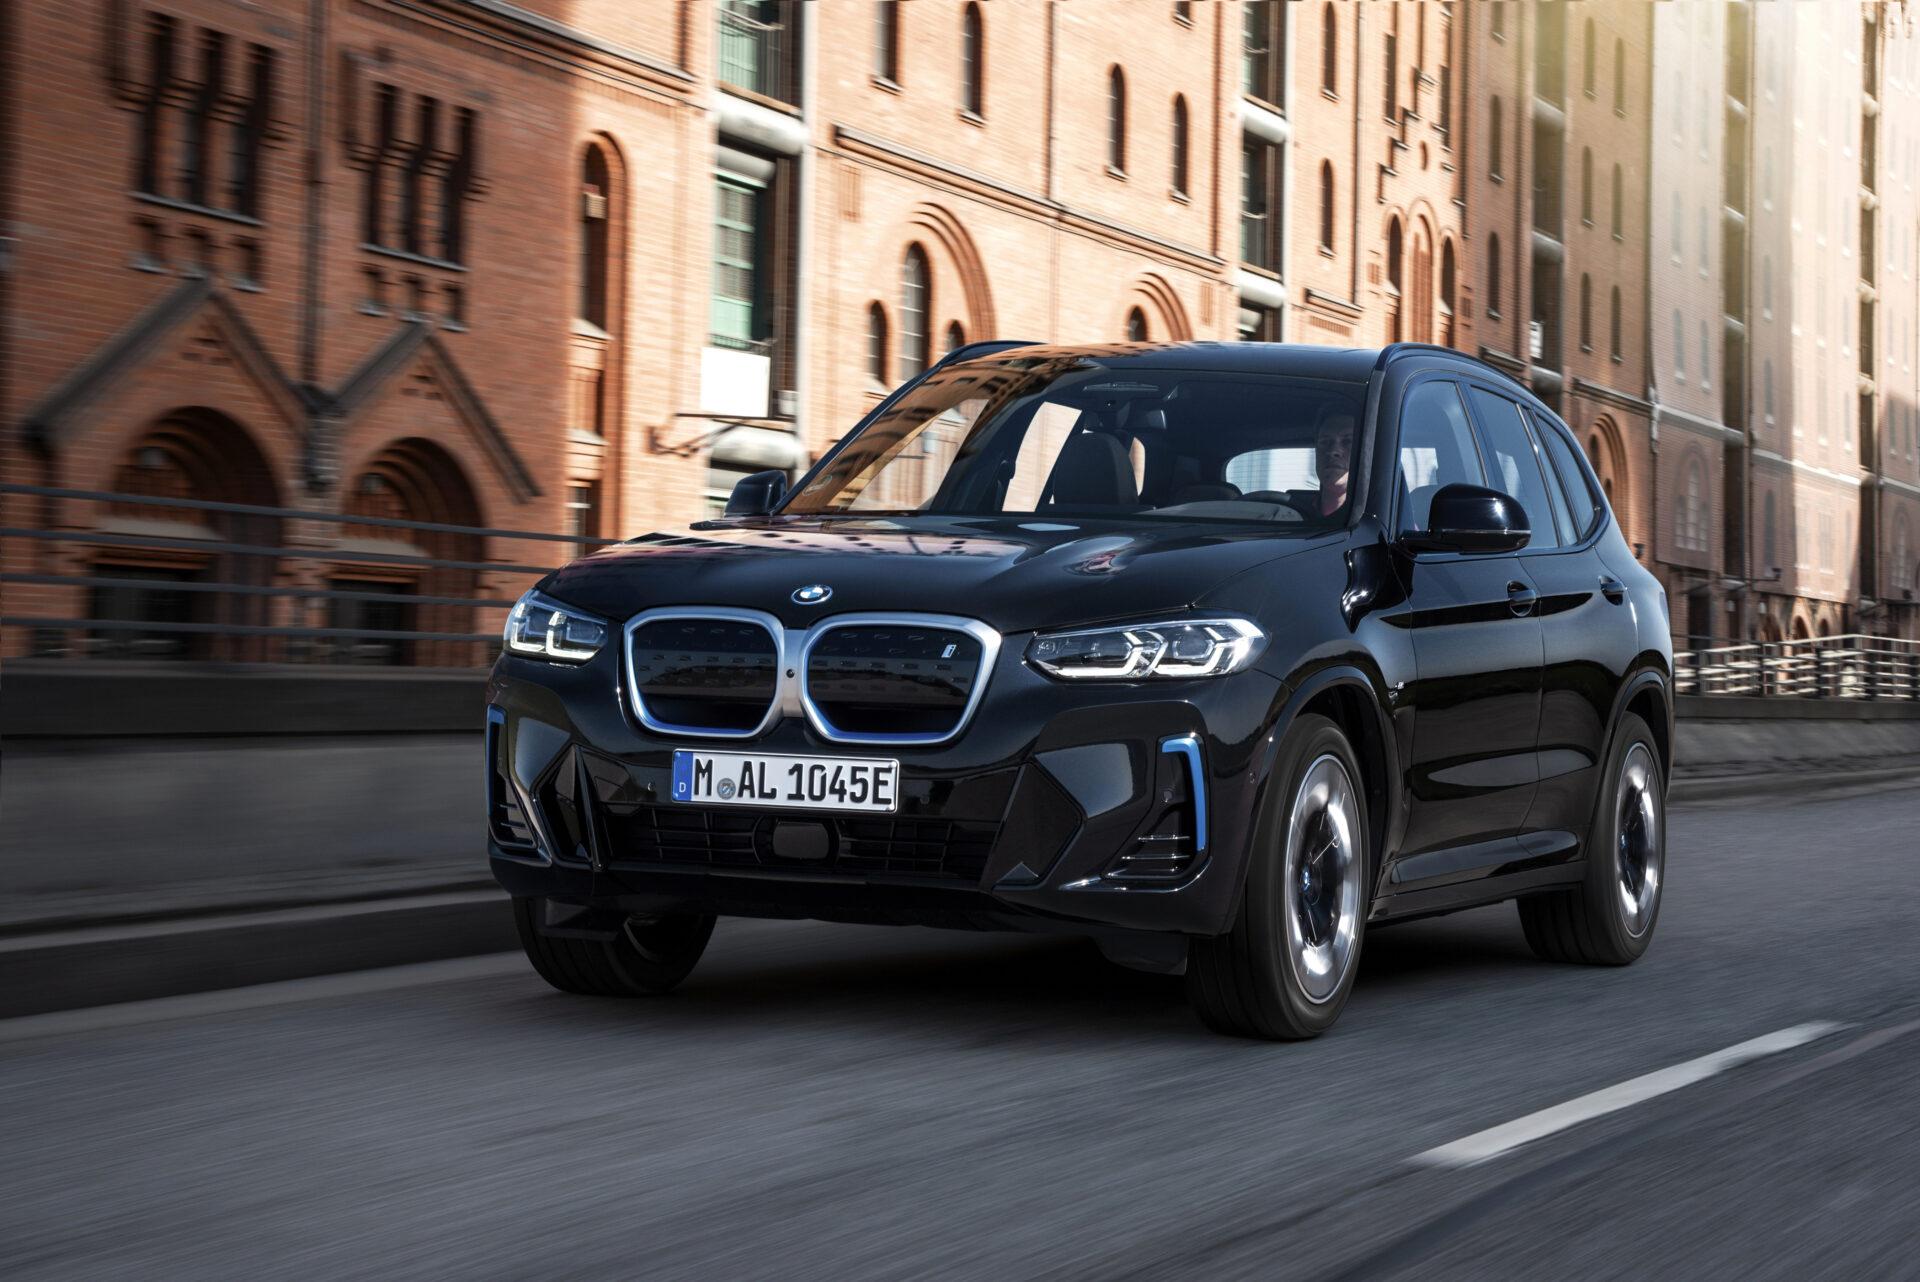 El BMW iX3 se pone al día con varias novedades en el plano estético y más equipamiento